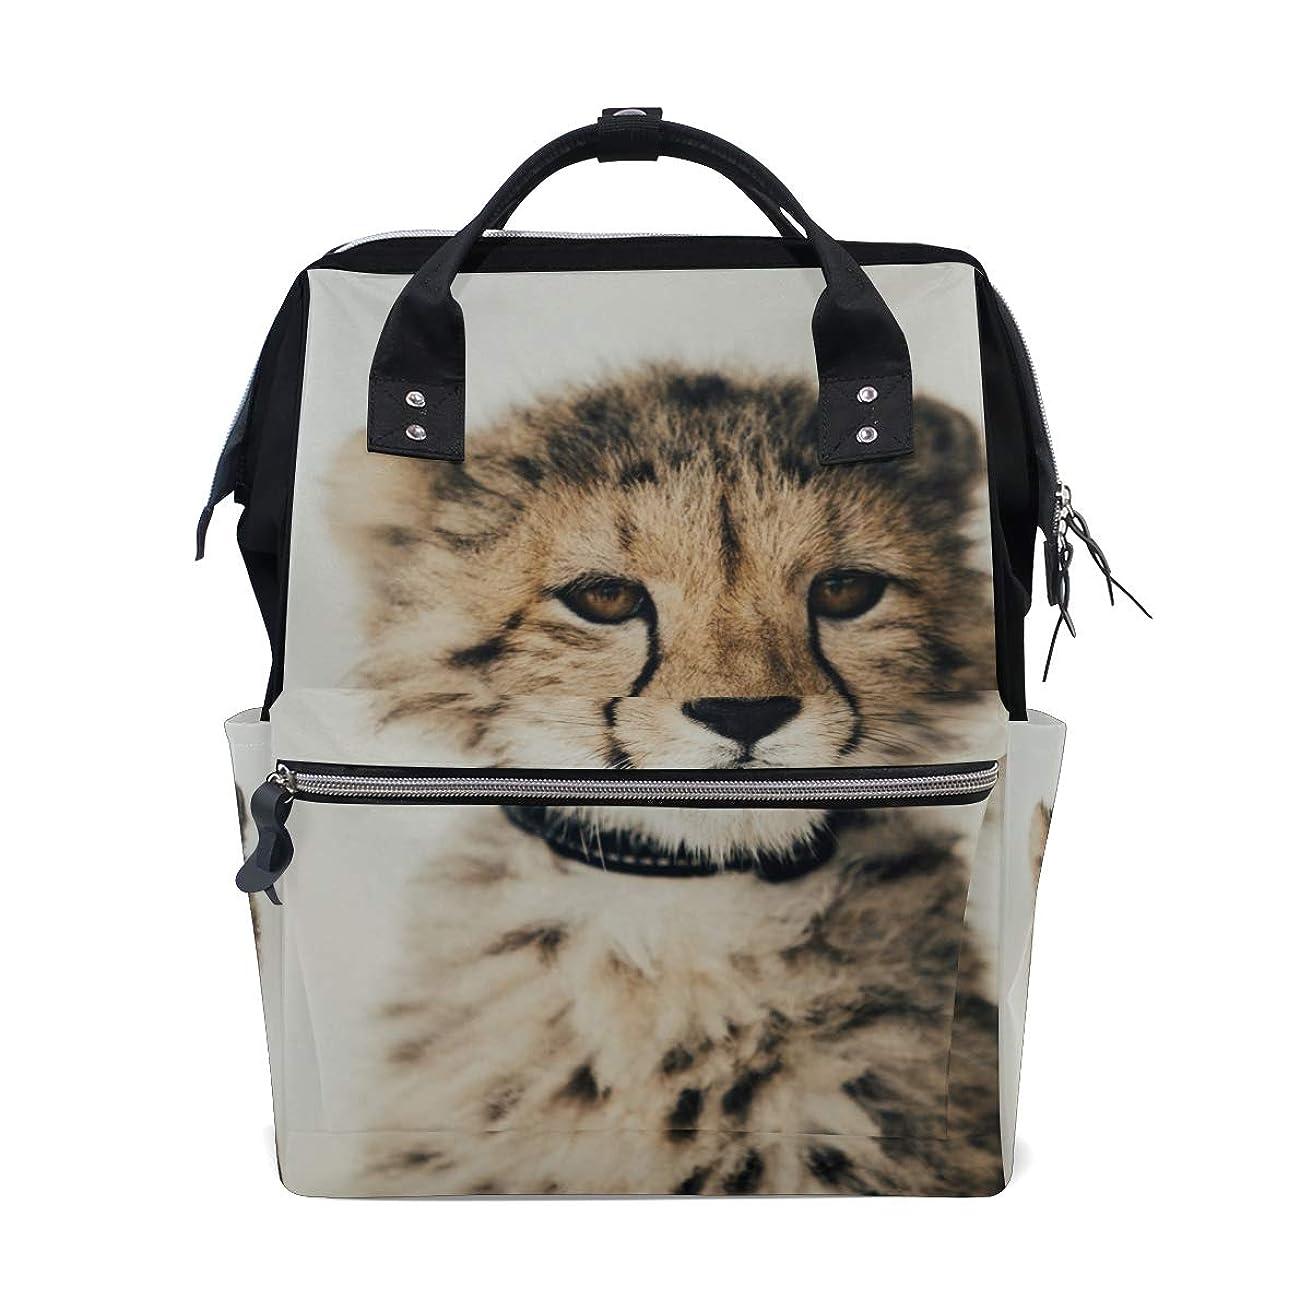 Backpack Cute Cheetah School Rucksack Diaper Bags Travel Shoulder Large Capacity Bookbag for Women Men